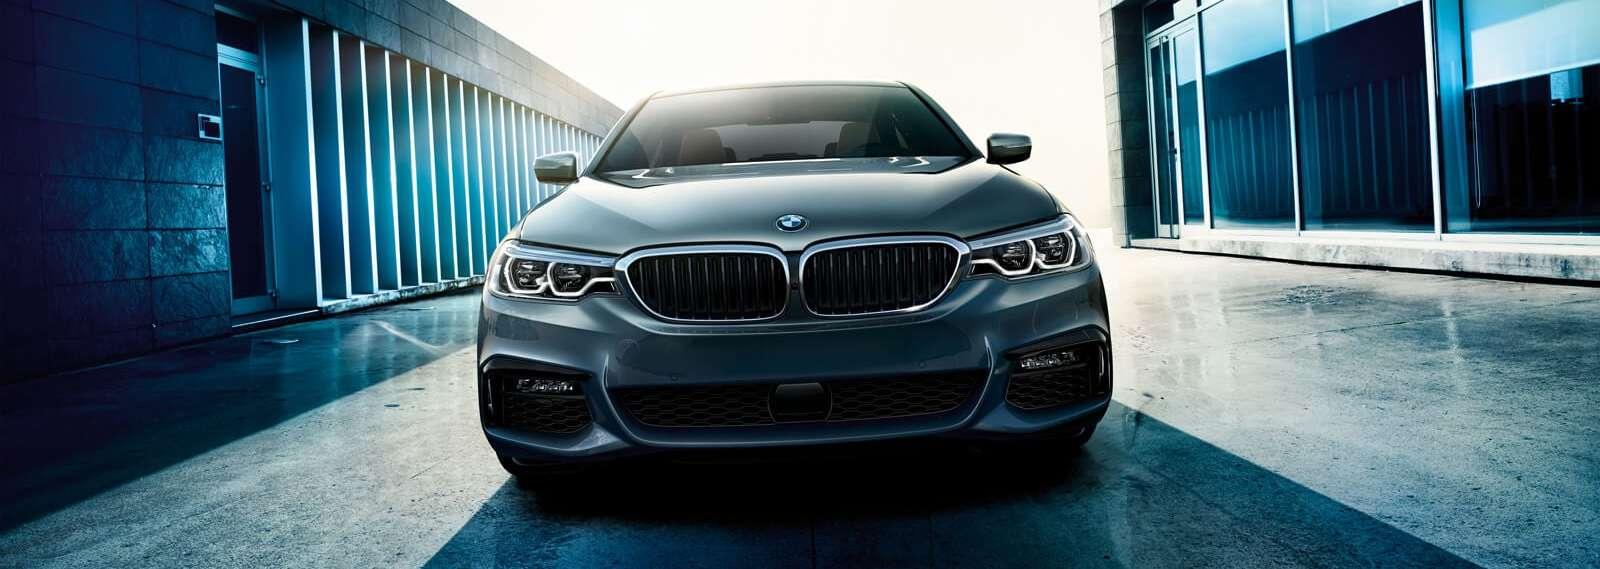 2020 BMW 5 Series Lease near Dallas, TX